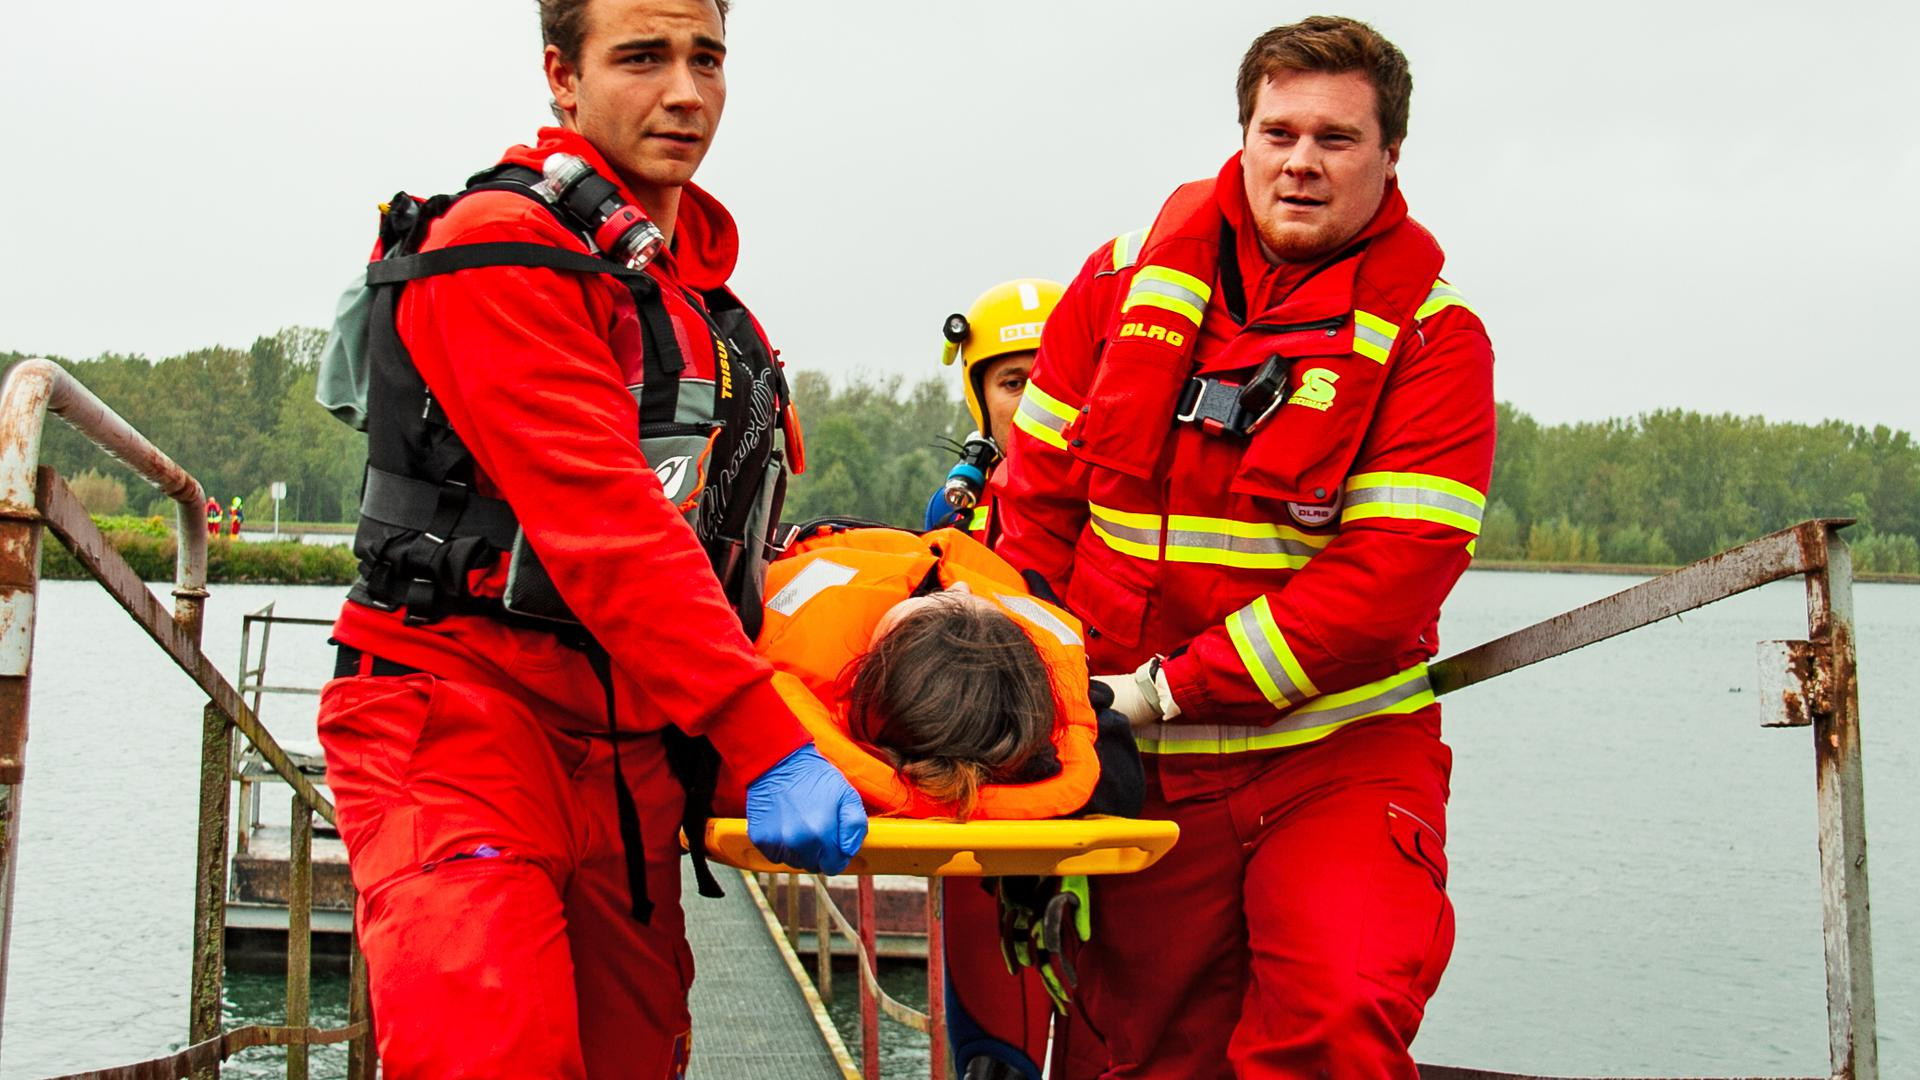 Wie bei dieser Übung am Rheinufer in Kehl müssen die Retter der DLRG immer wieder ausrücken, um Menschen aus den Fluten zu holen.  Erschreckend für die DLRG-Mitglieder: Die Zahl der Nichtschwimmer nimmt zu, darunter auch immer mehr Kinder. Foto: Michael Brück